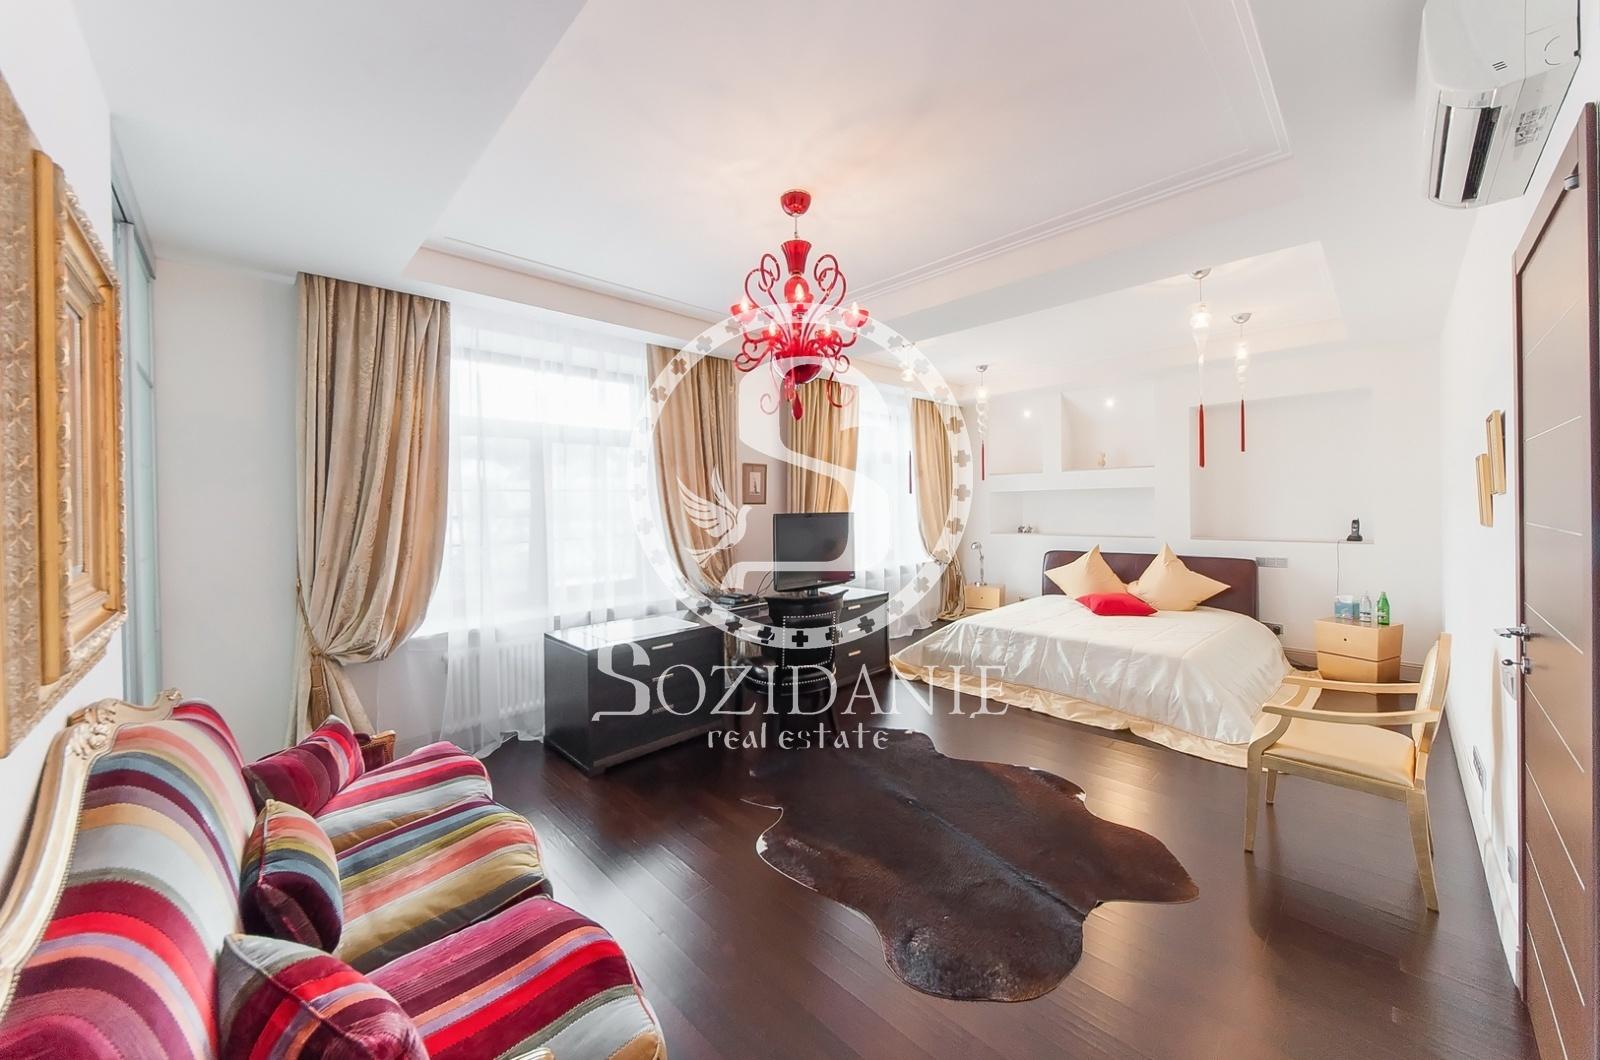 3 Bedrooms, Загородная, Аренда, Listing ID 2889, Московская область, Россия,